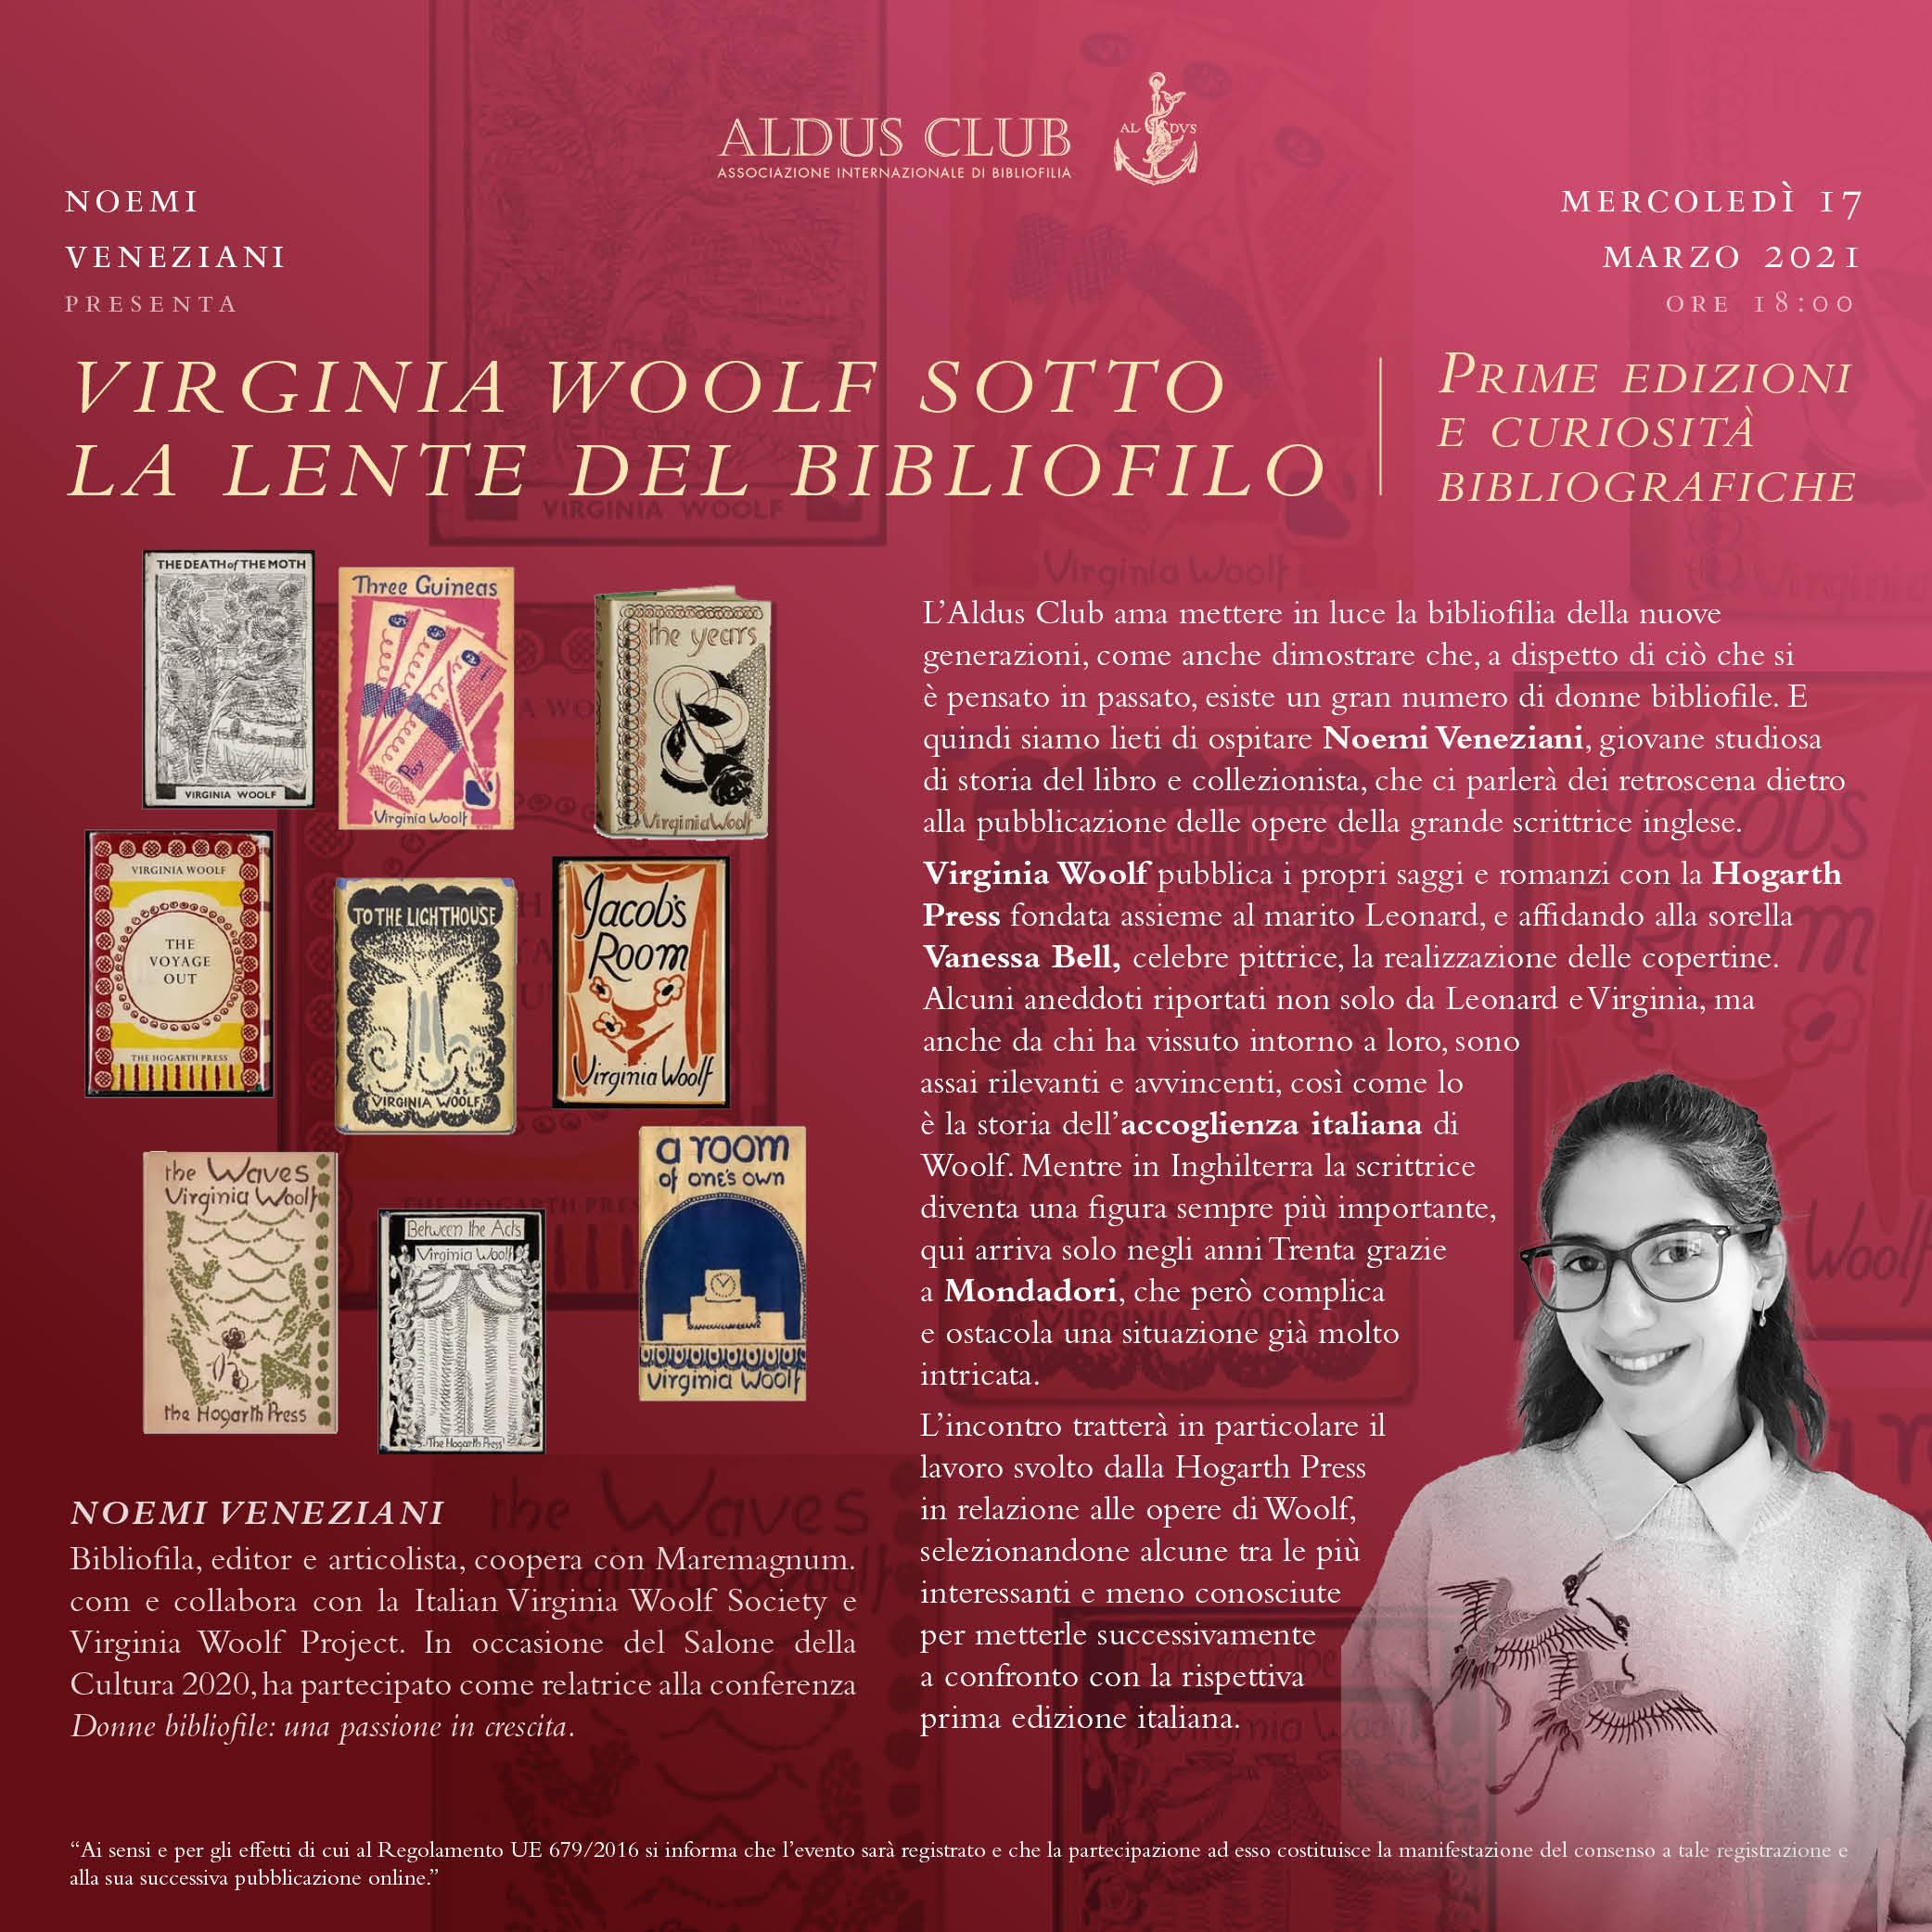 Virginia Woolf sotto la lente del bibliofilo